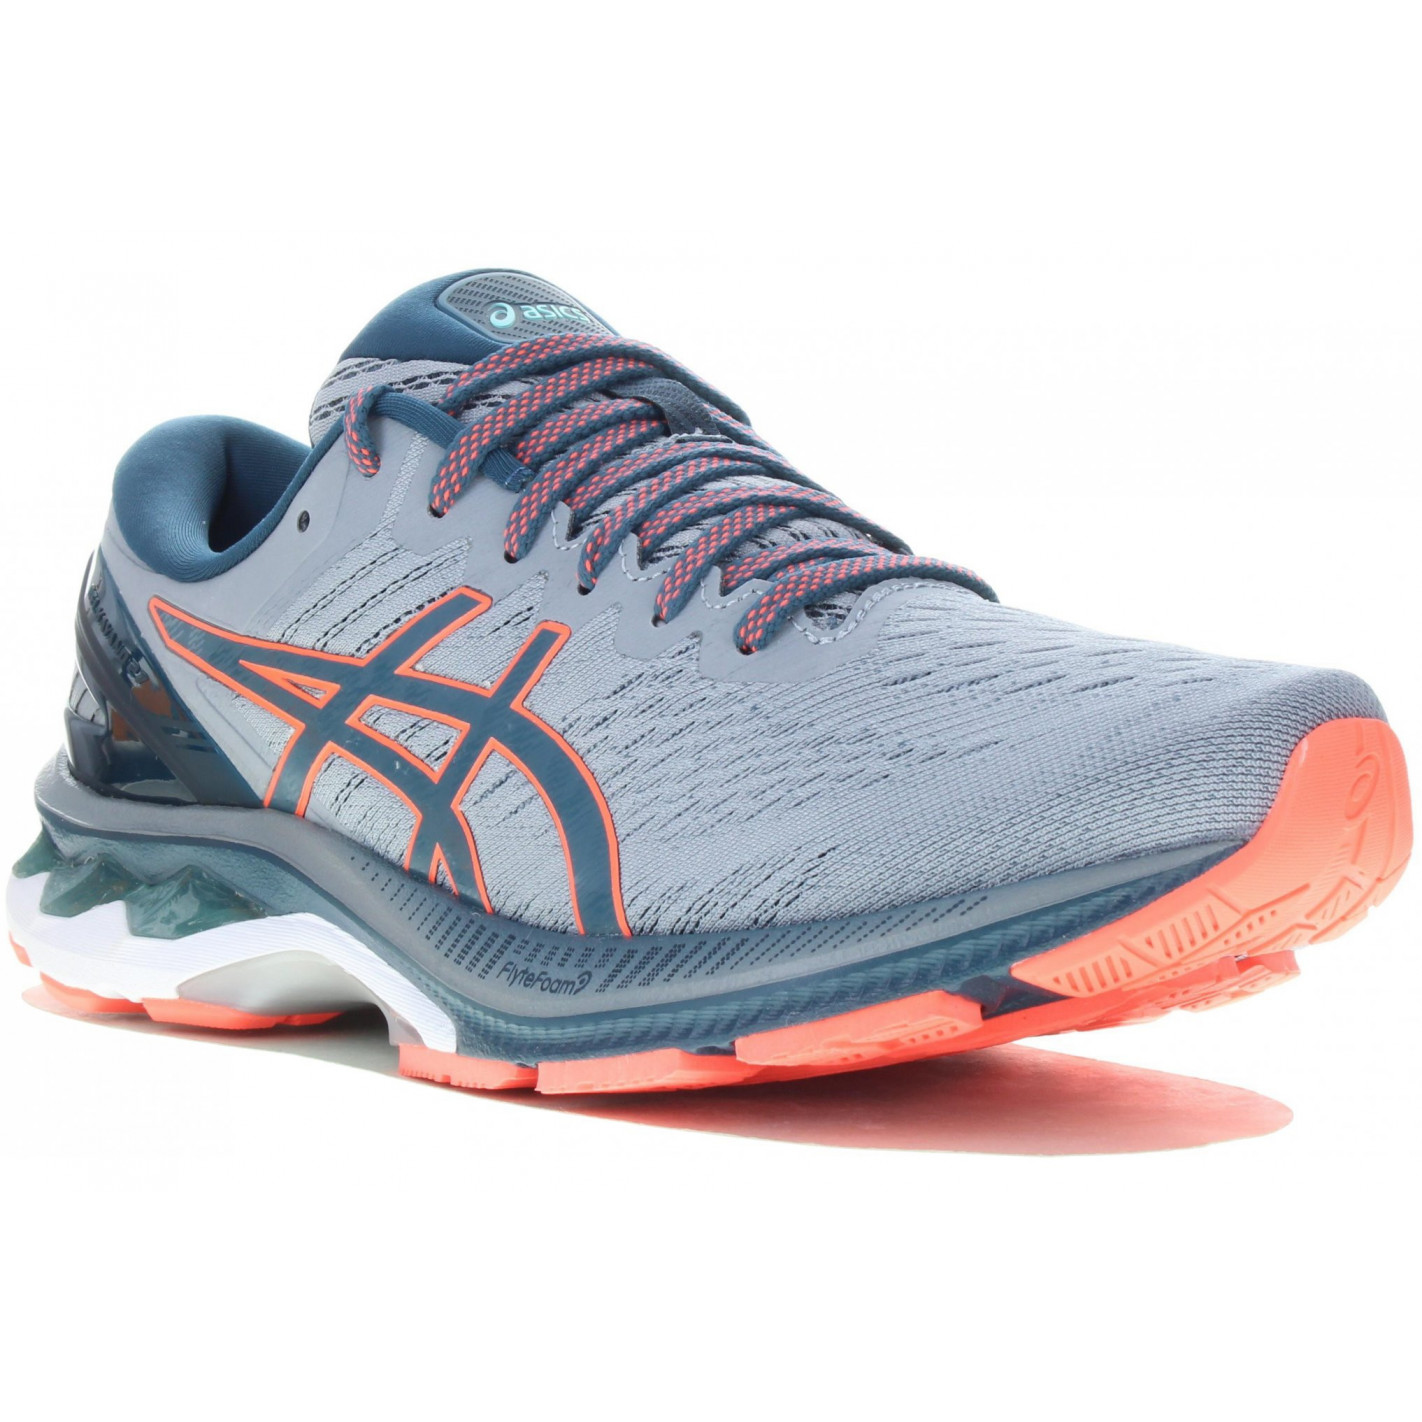 Chaussures Running ASICS Homme GEL-KAYANO 27 Gris / Bleu / Fushia ...